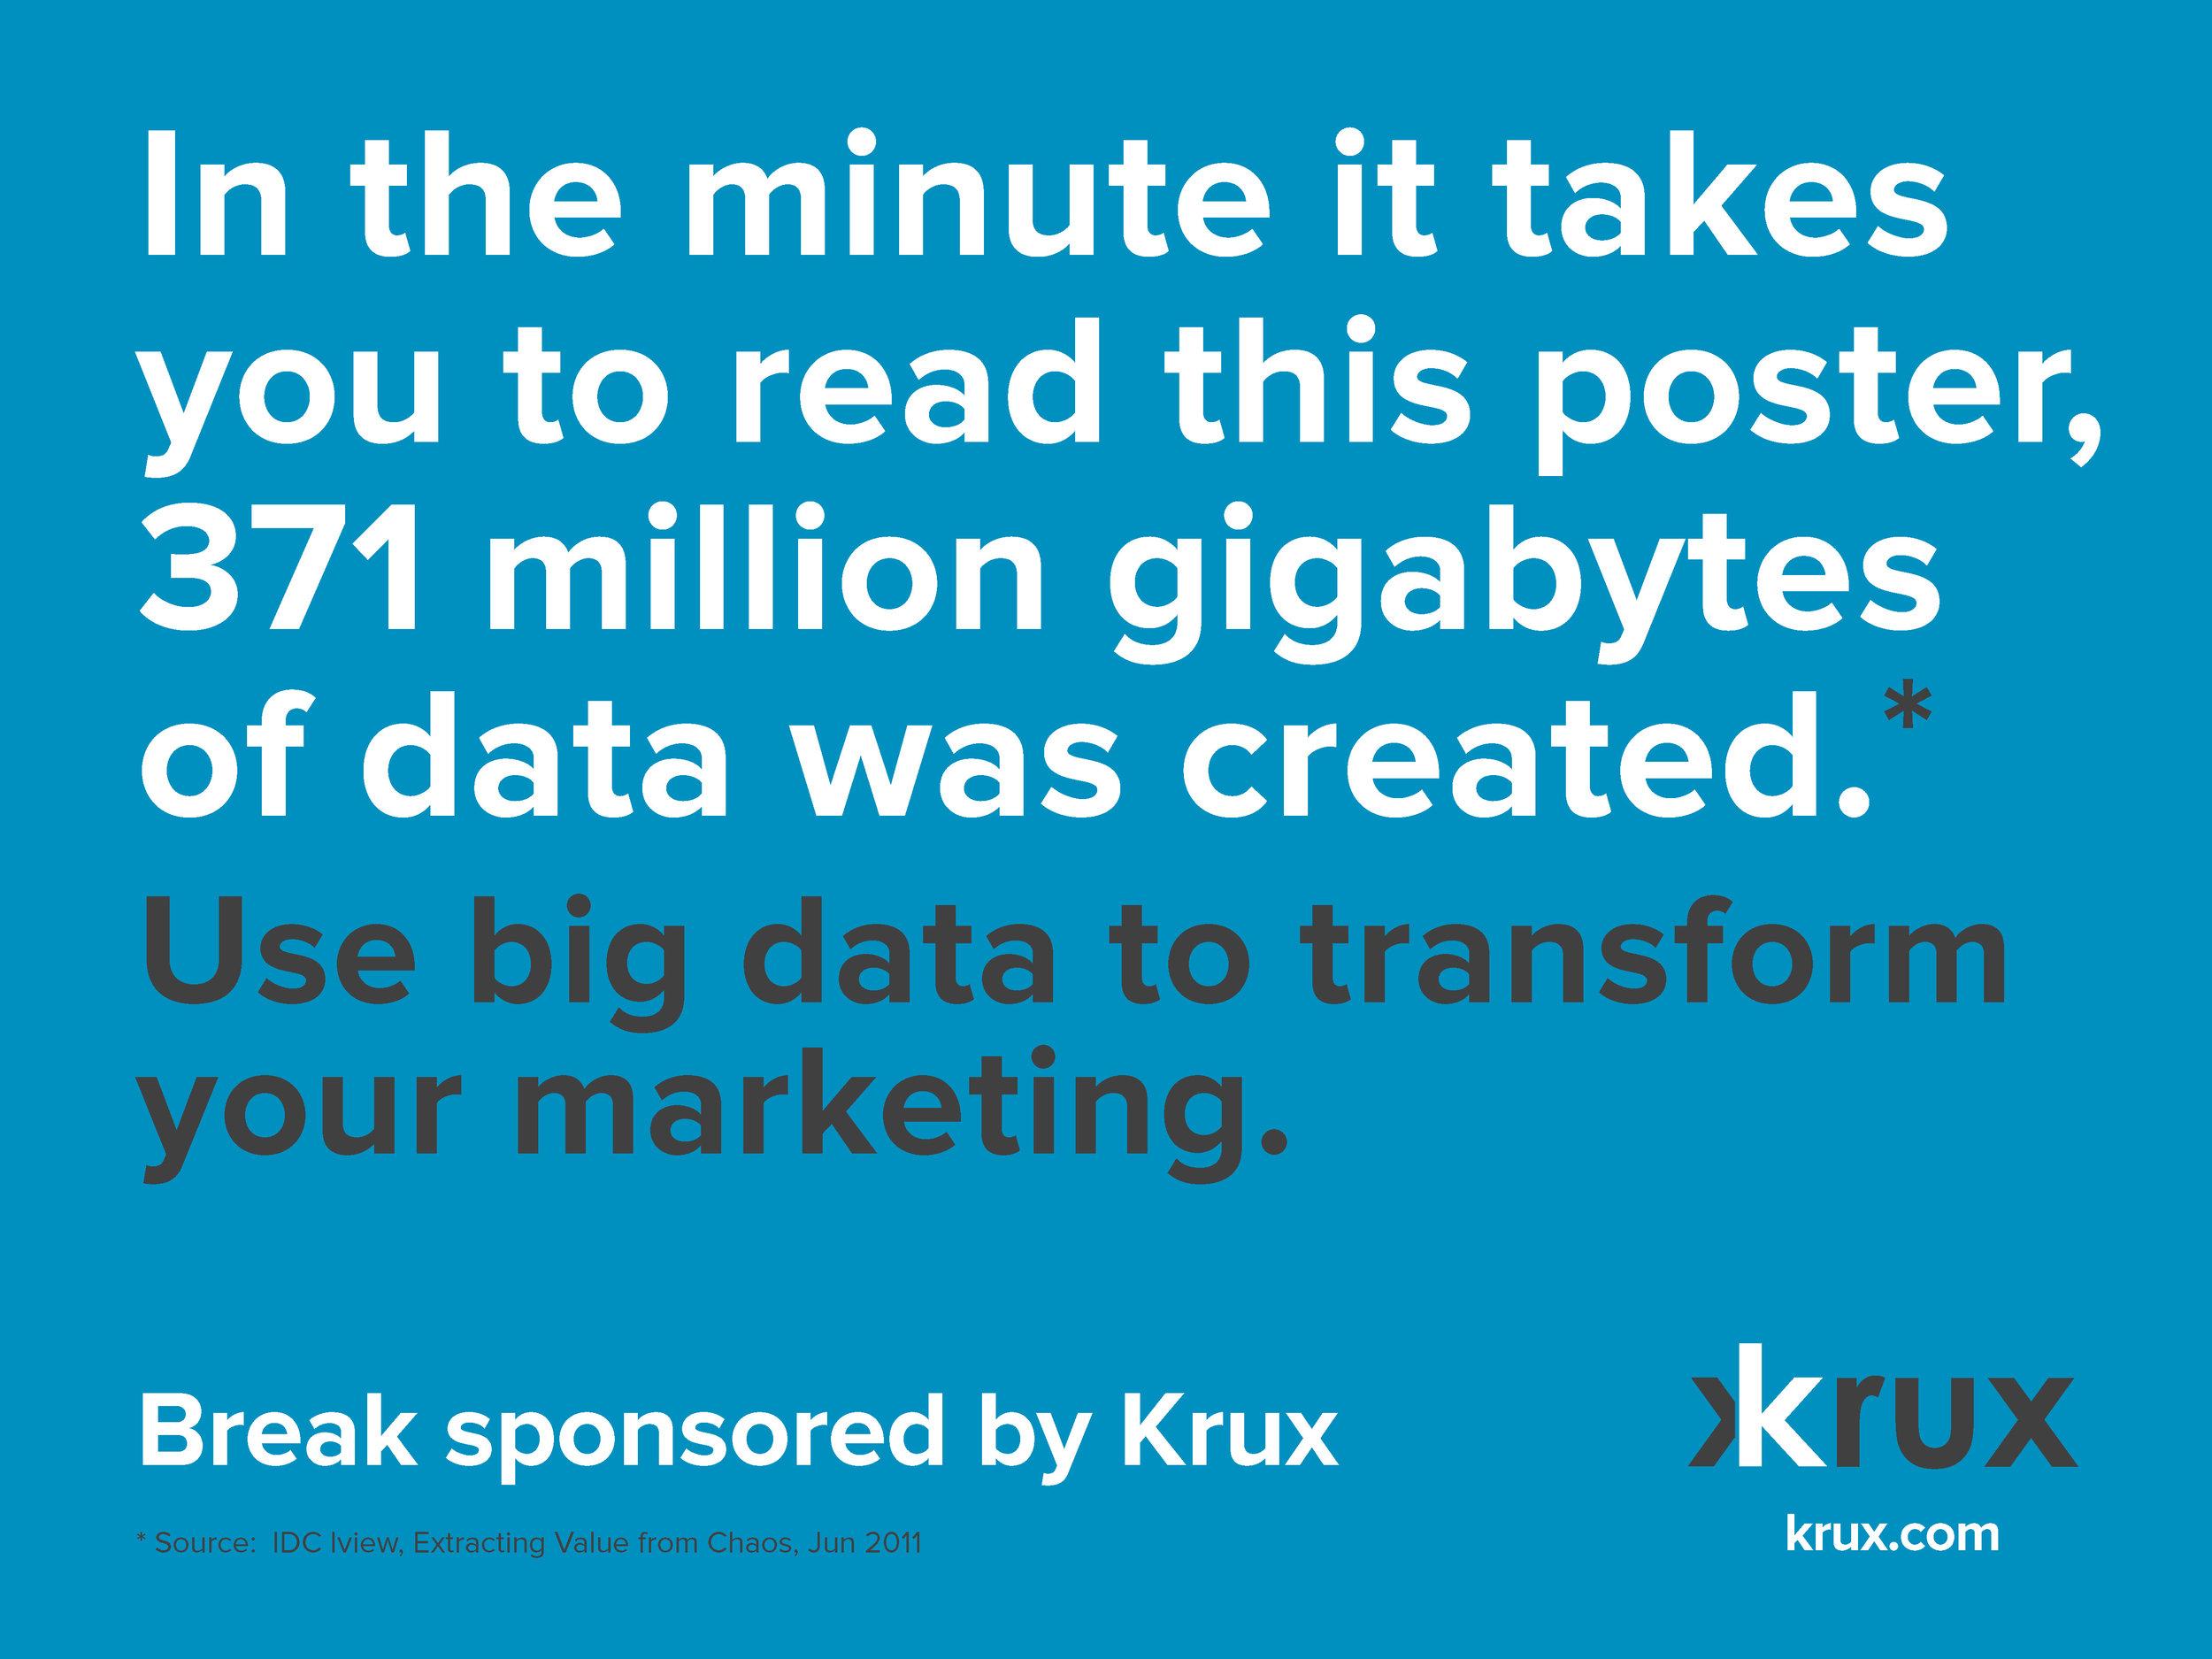 krux_minute-break_01.jpg